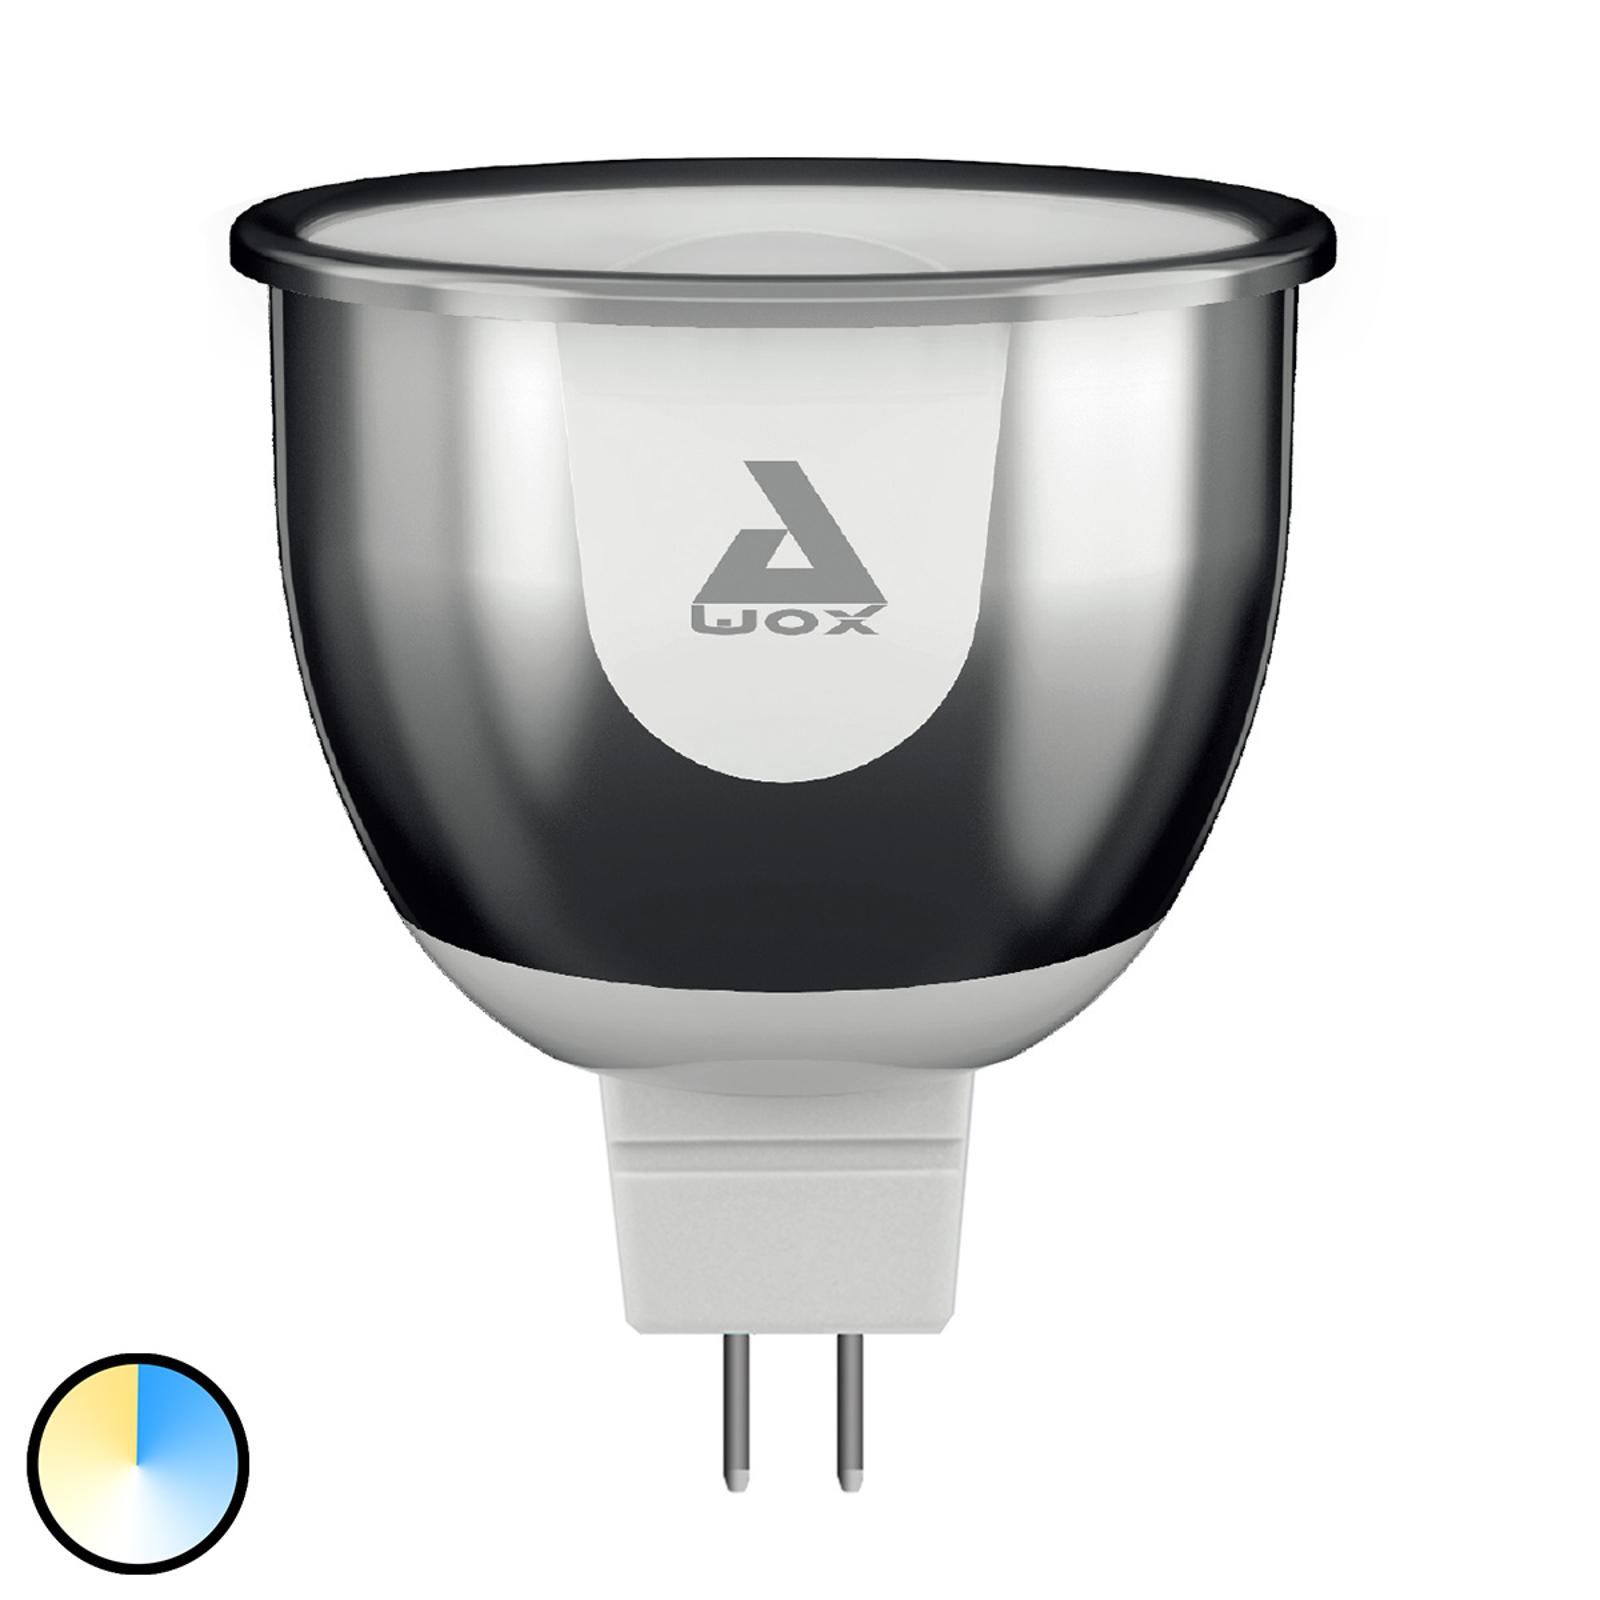 AwoX SmartLIGHT LED GU5.3 2700-6000K. 4 W